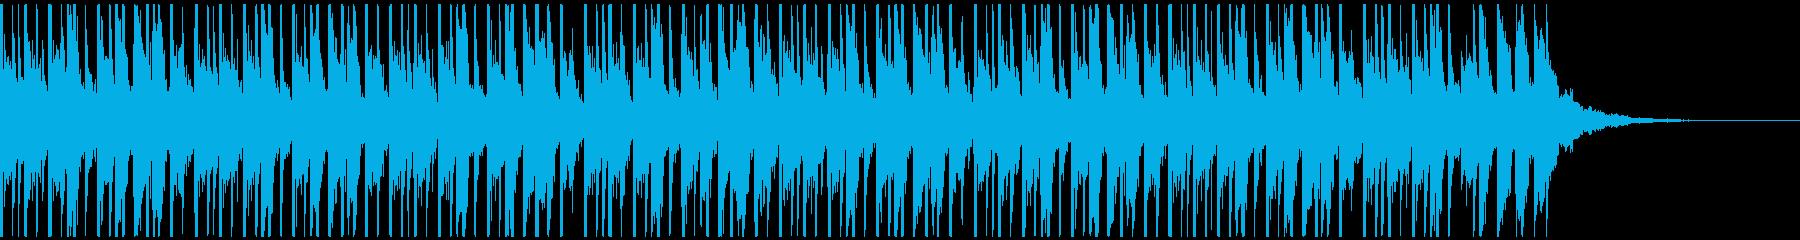 元気なパーティー(Short1)の再生済みの波形